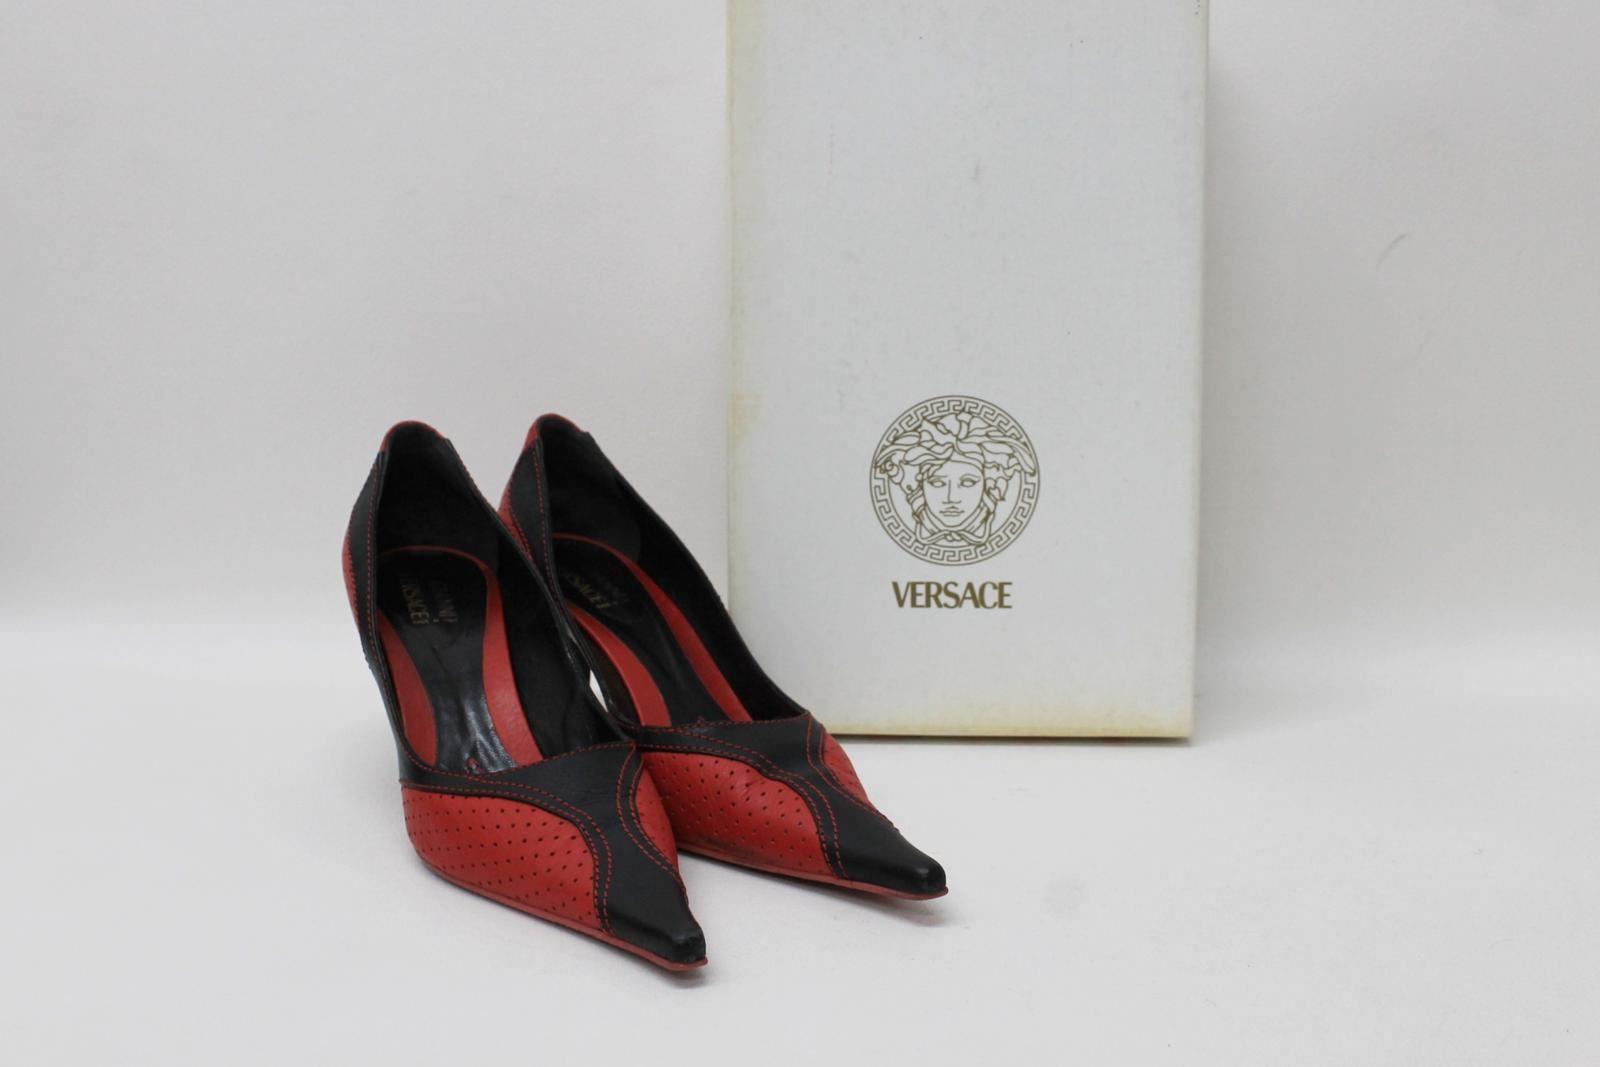 Gianni Versace Femme Noir En Cuir Rouge Pointu à Talon Haut Chaussures Eu39 Uk6-afficher Le Titre D'origine Belle En Couleur